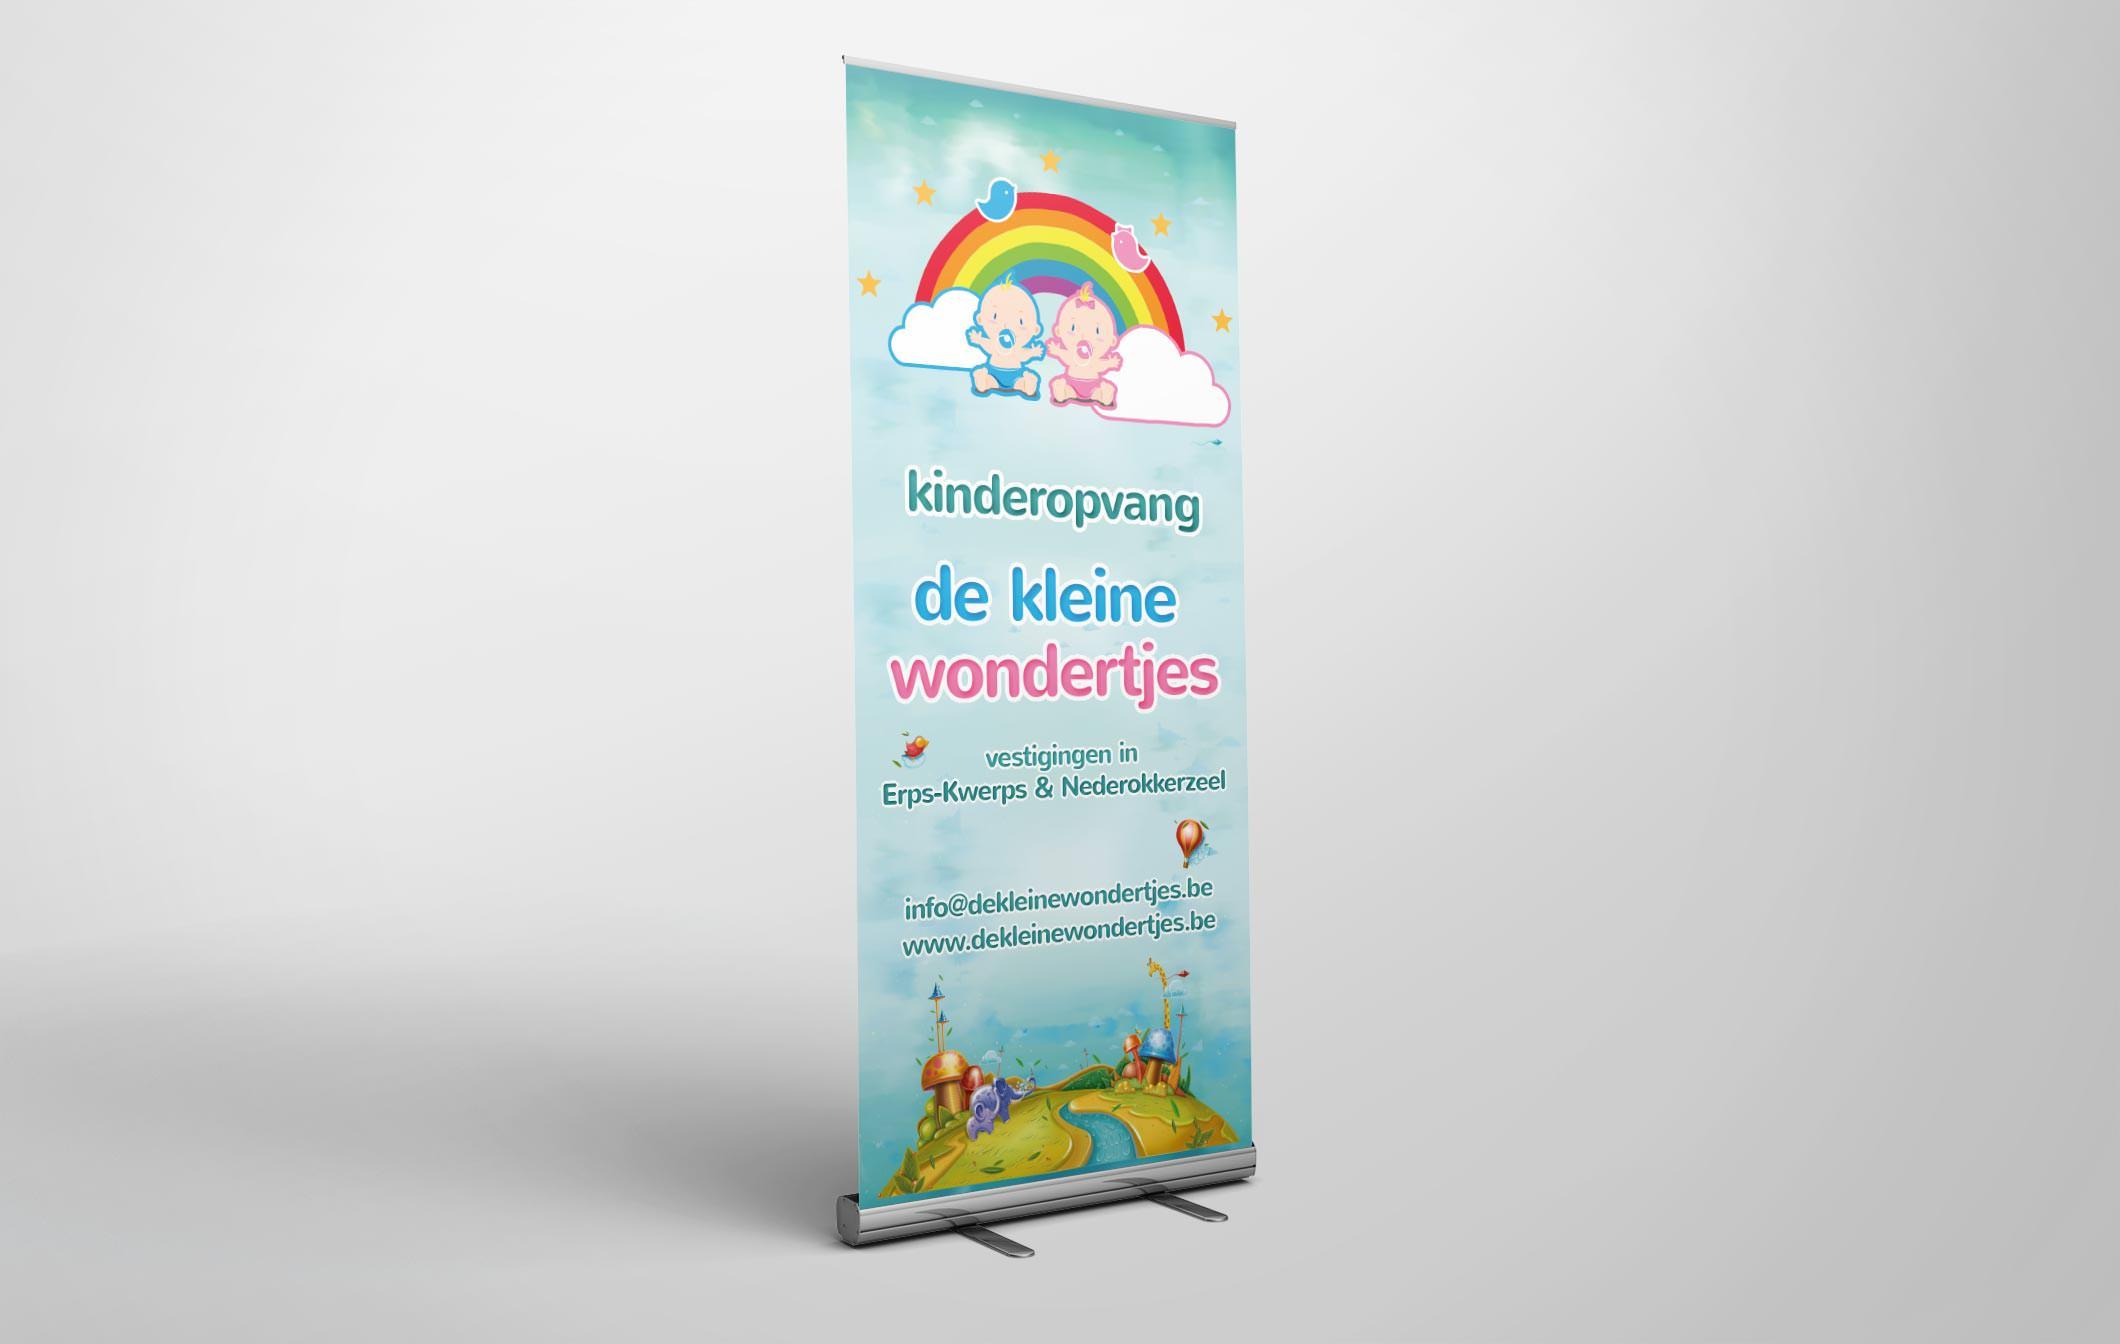 roll-up-banner-de-kleine-wondertjes